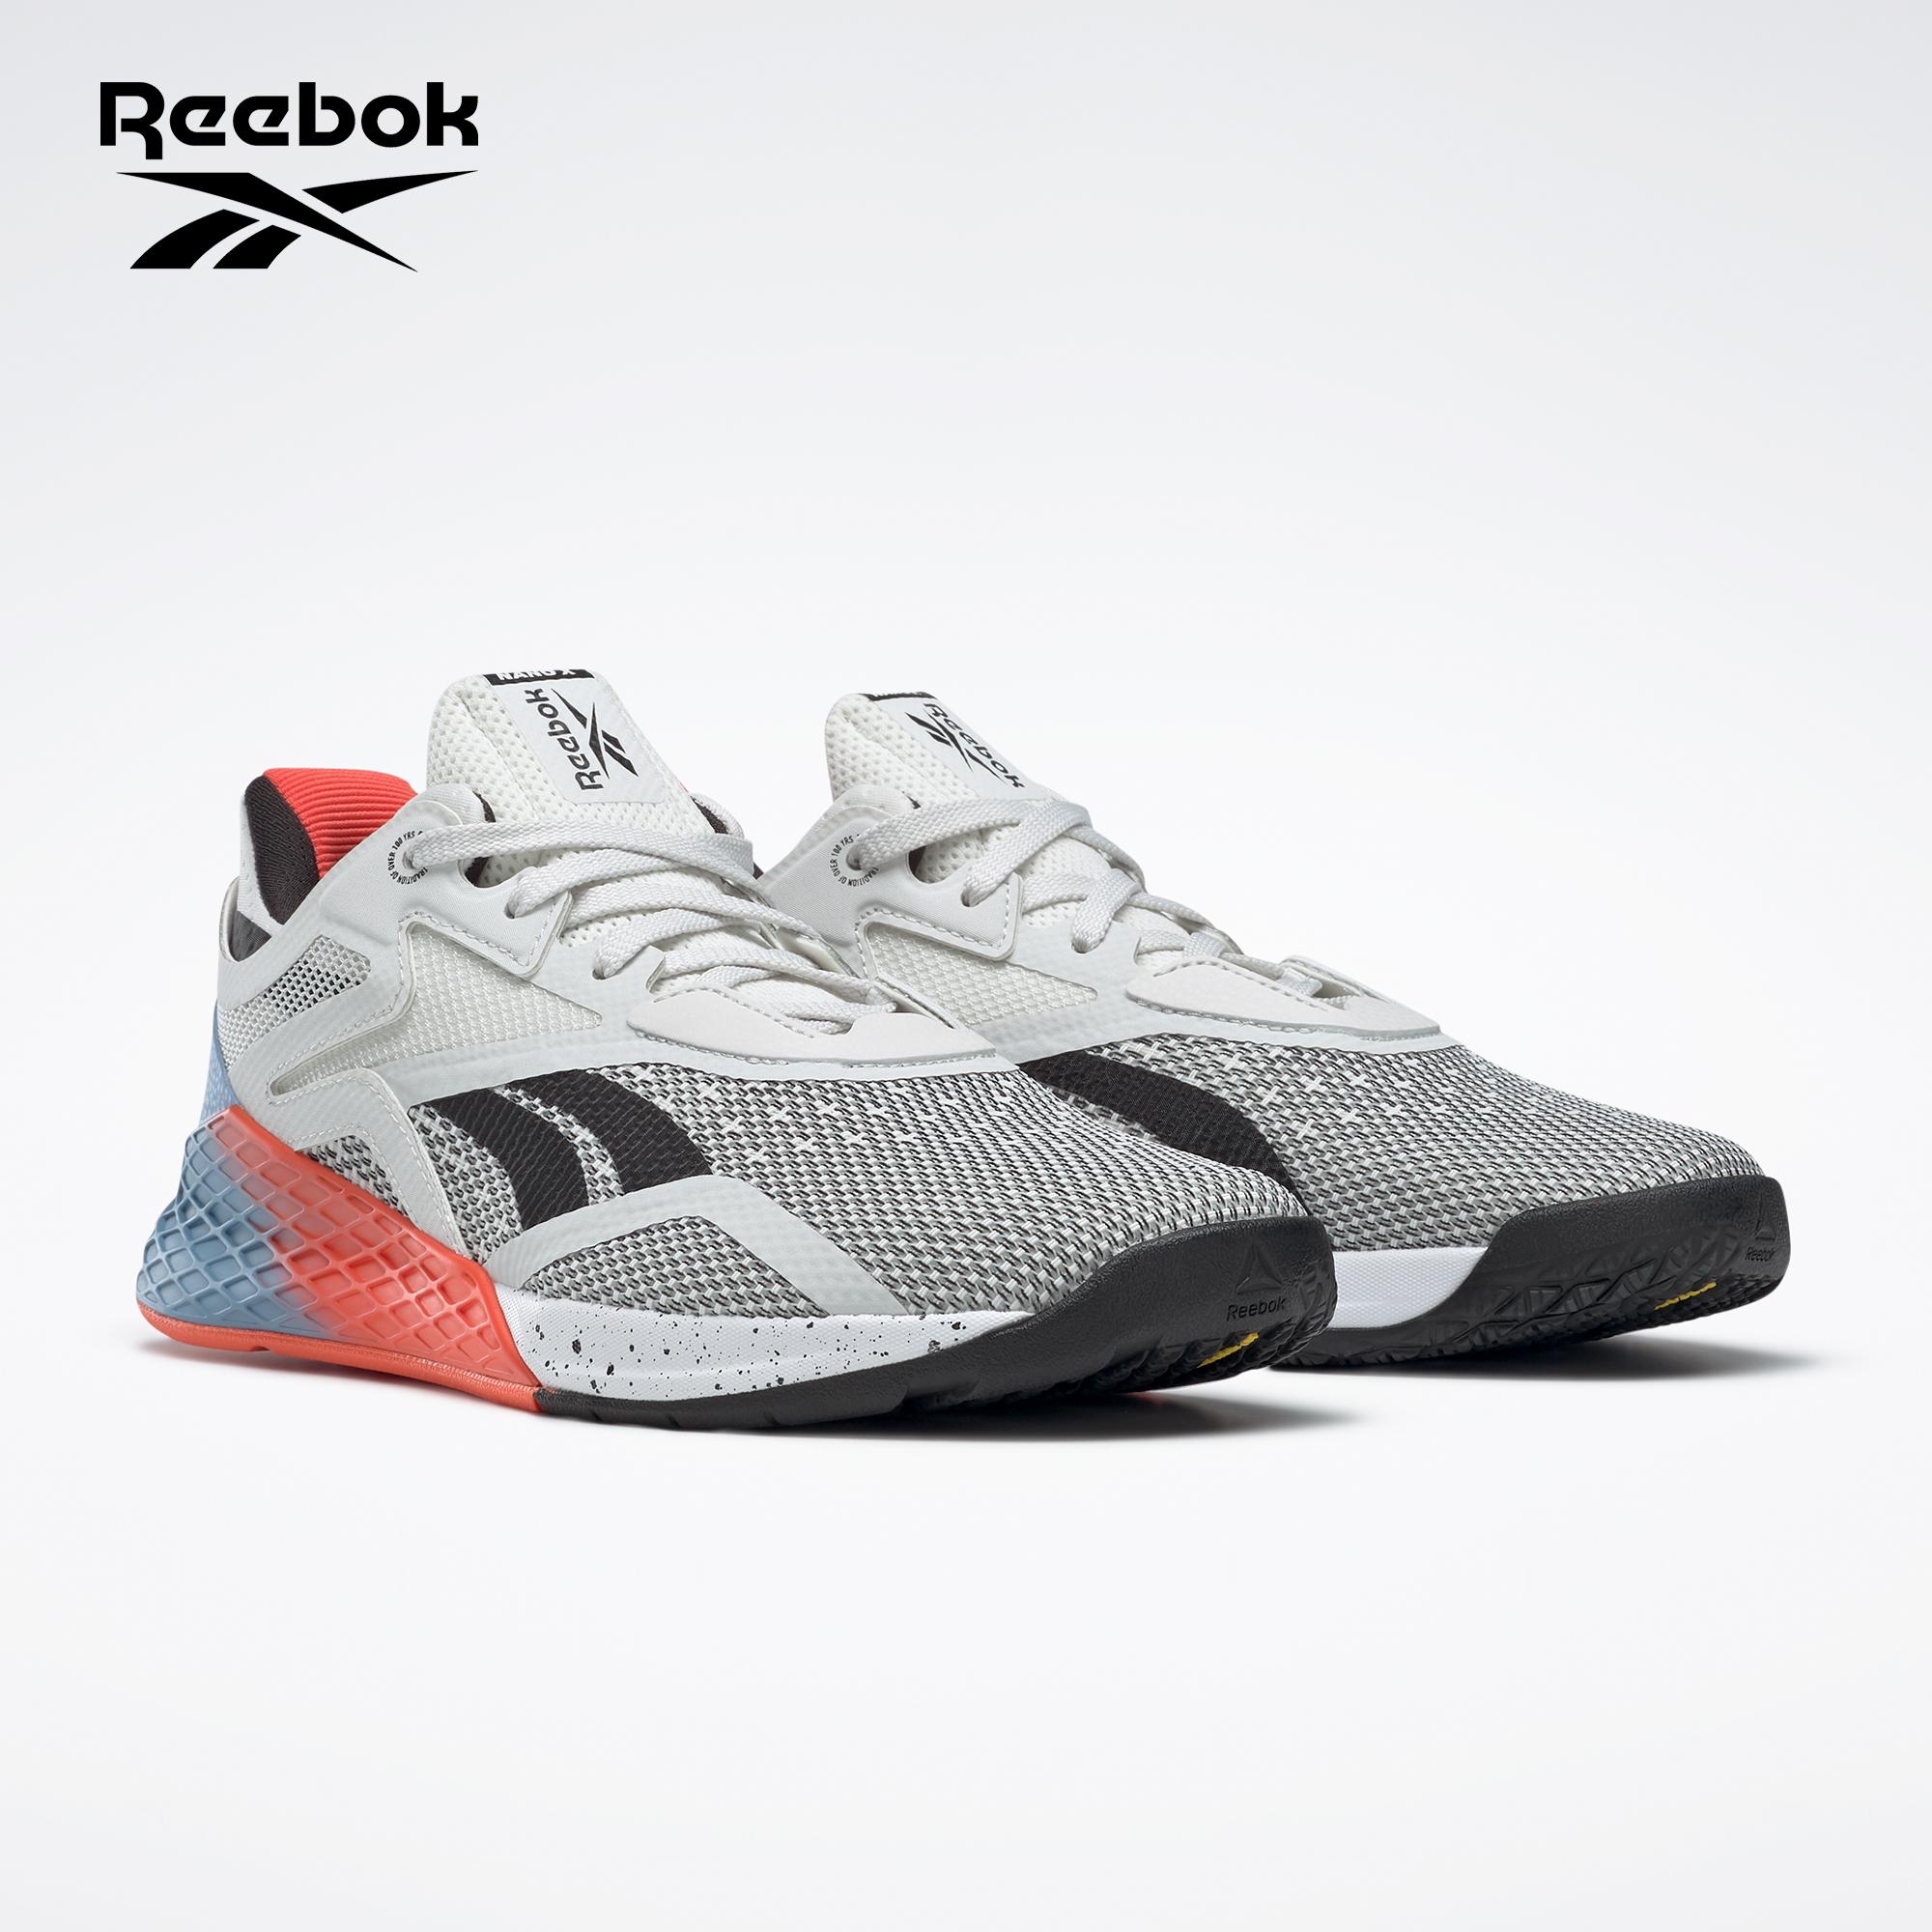 Reebok Nano X Training Shoes for Women